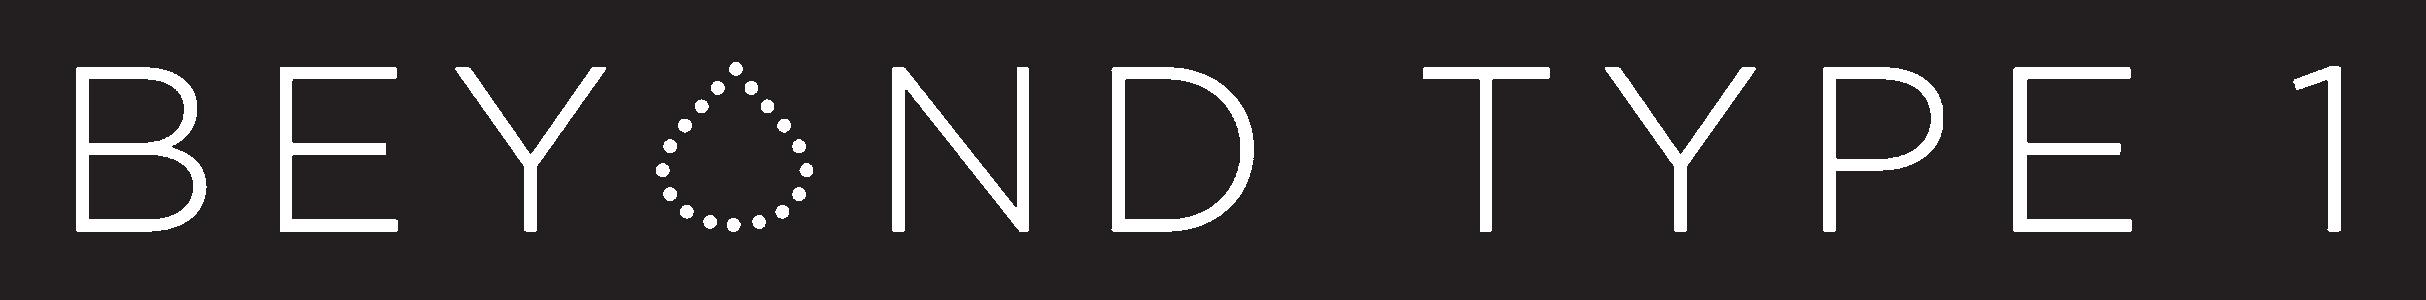 bt1-mobile-logo.jpg